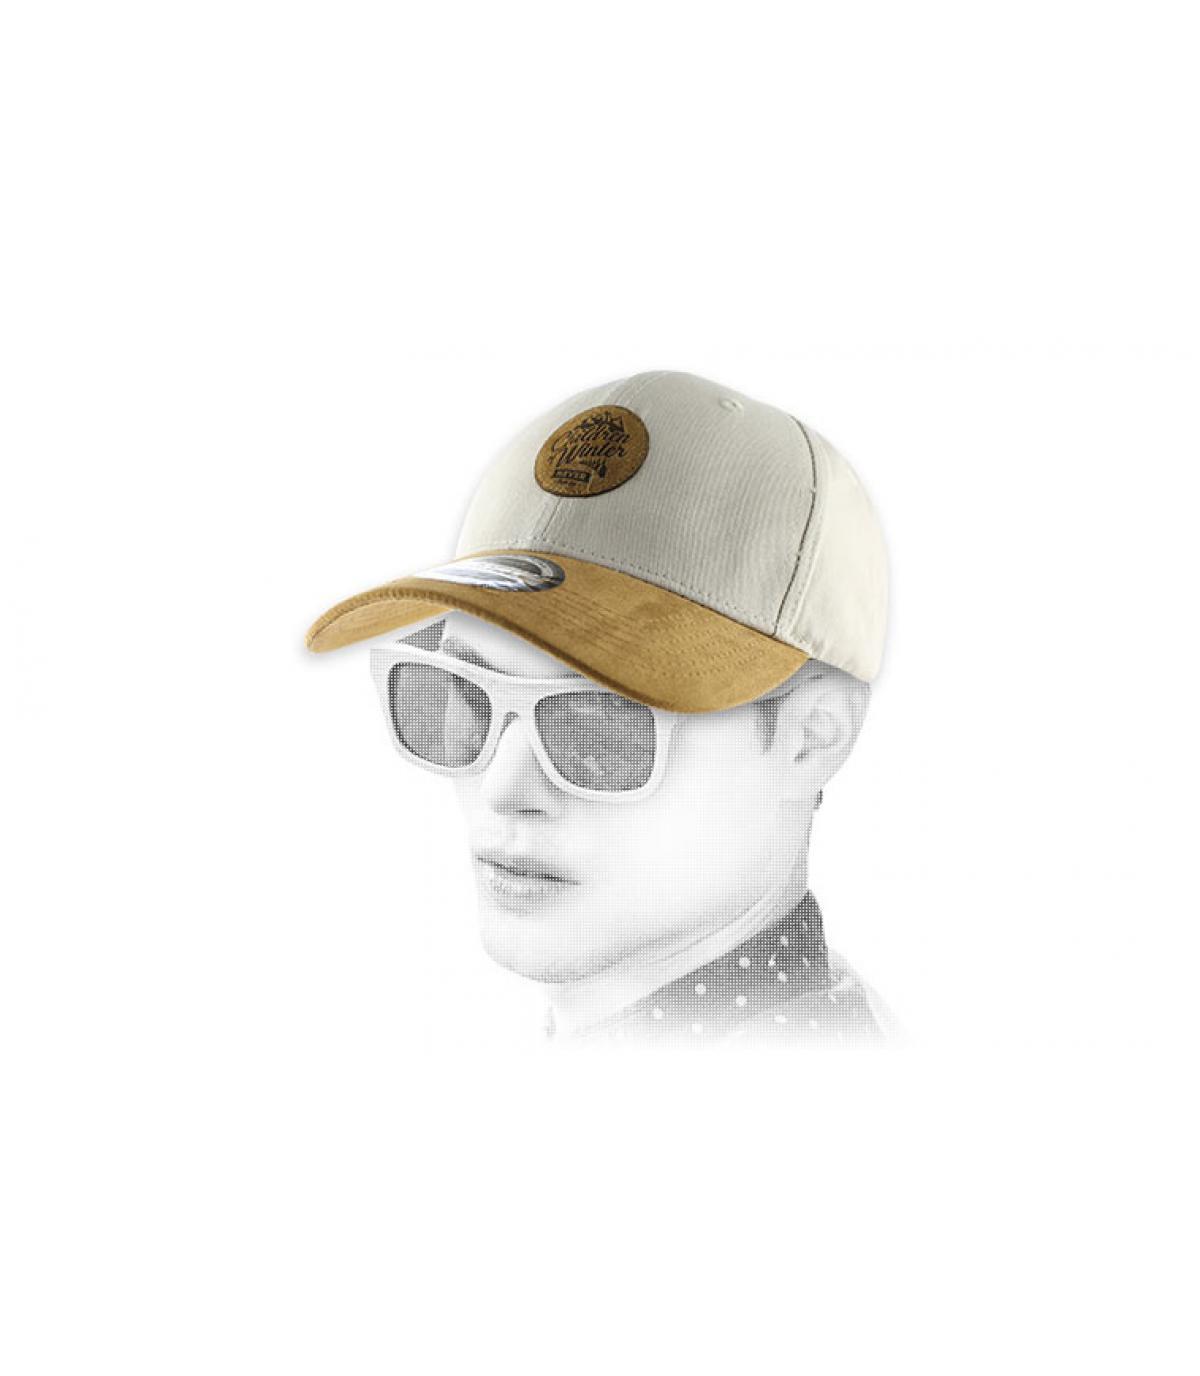 gorra curva niños de invierno de color beige